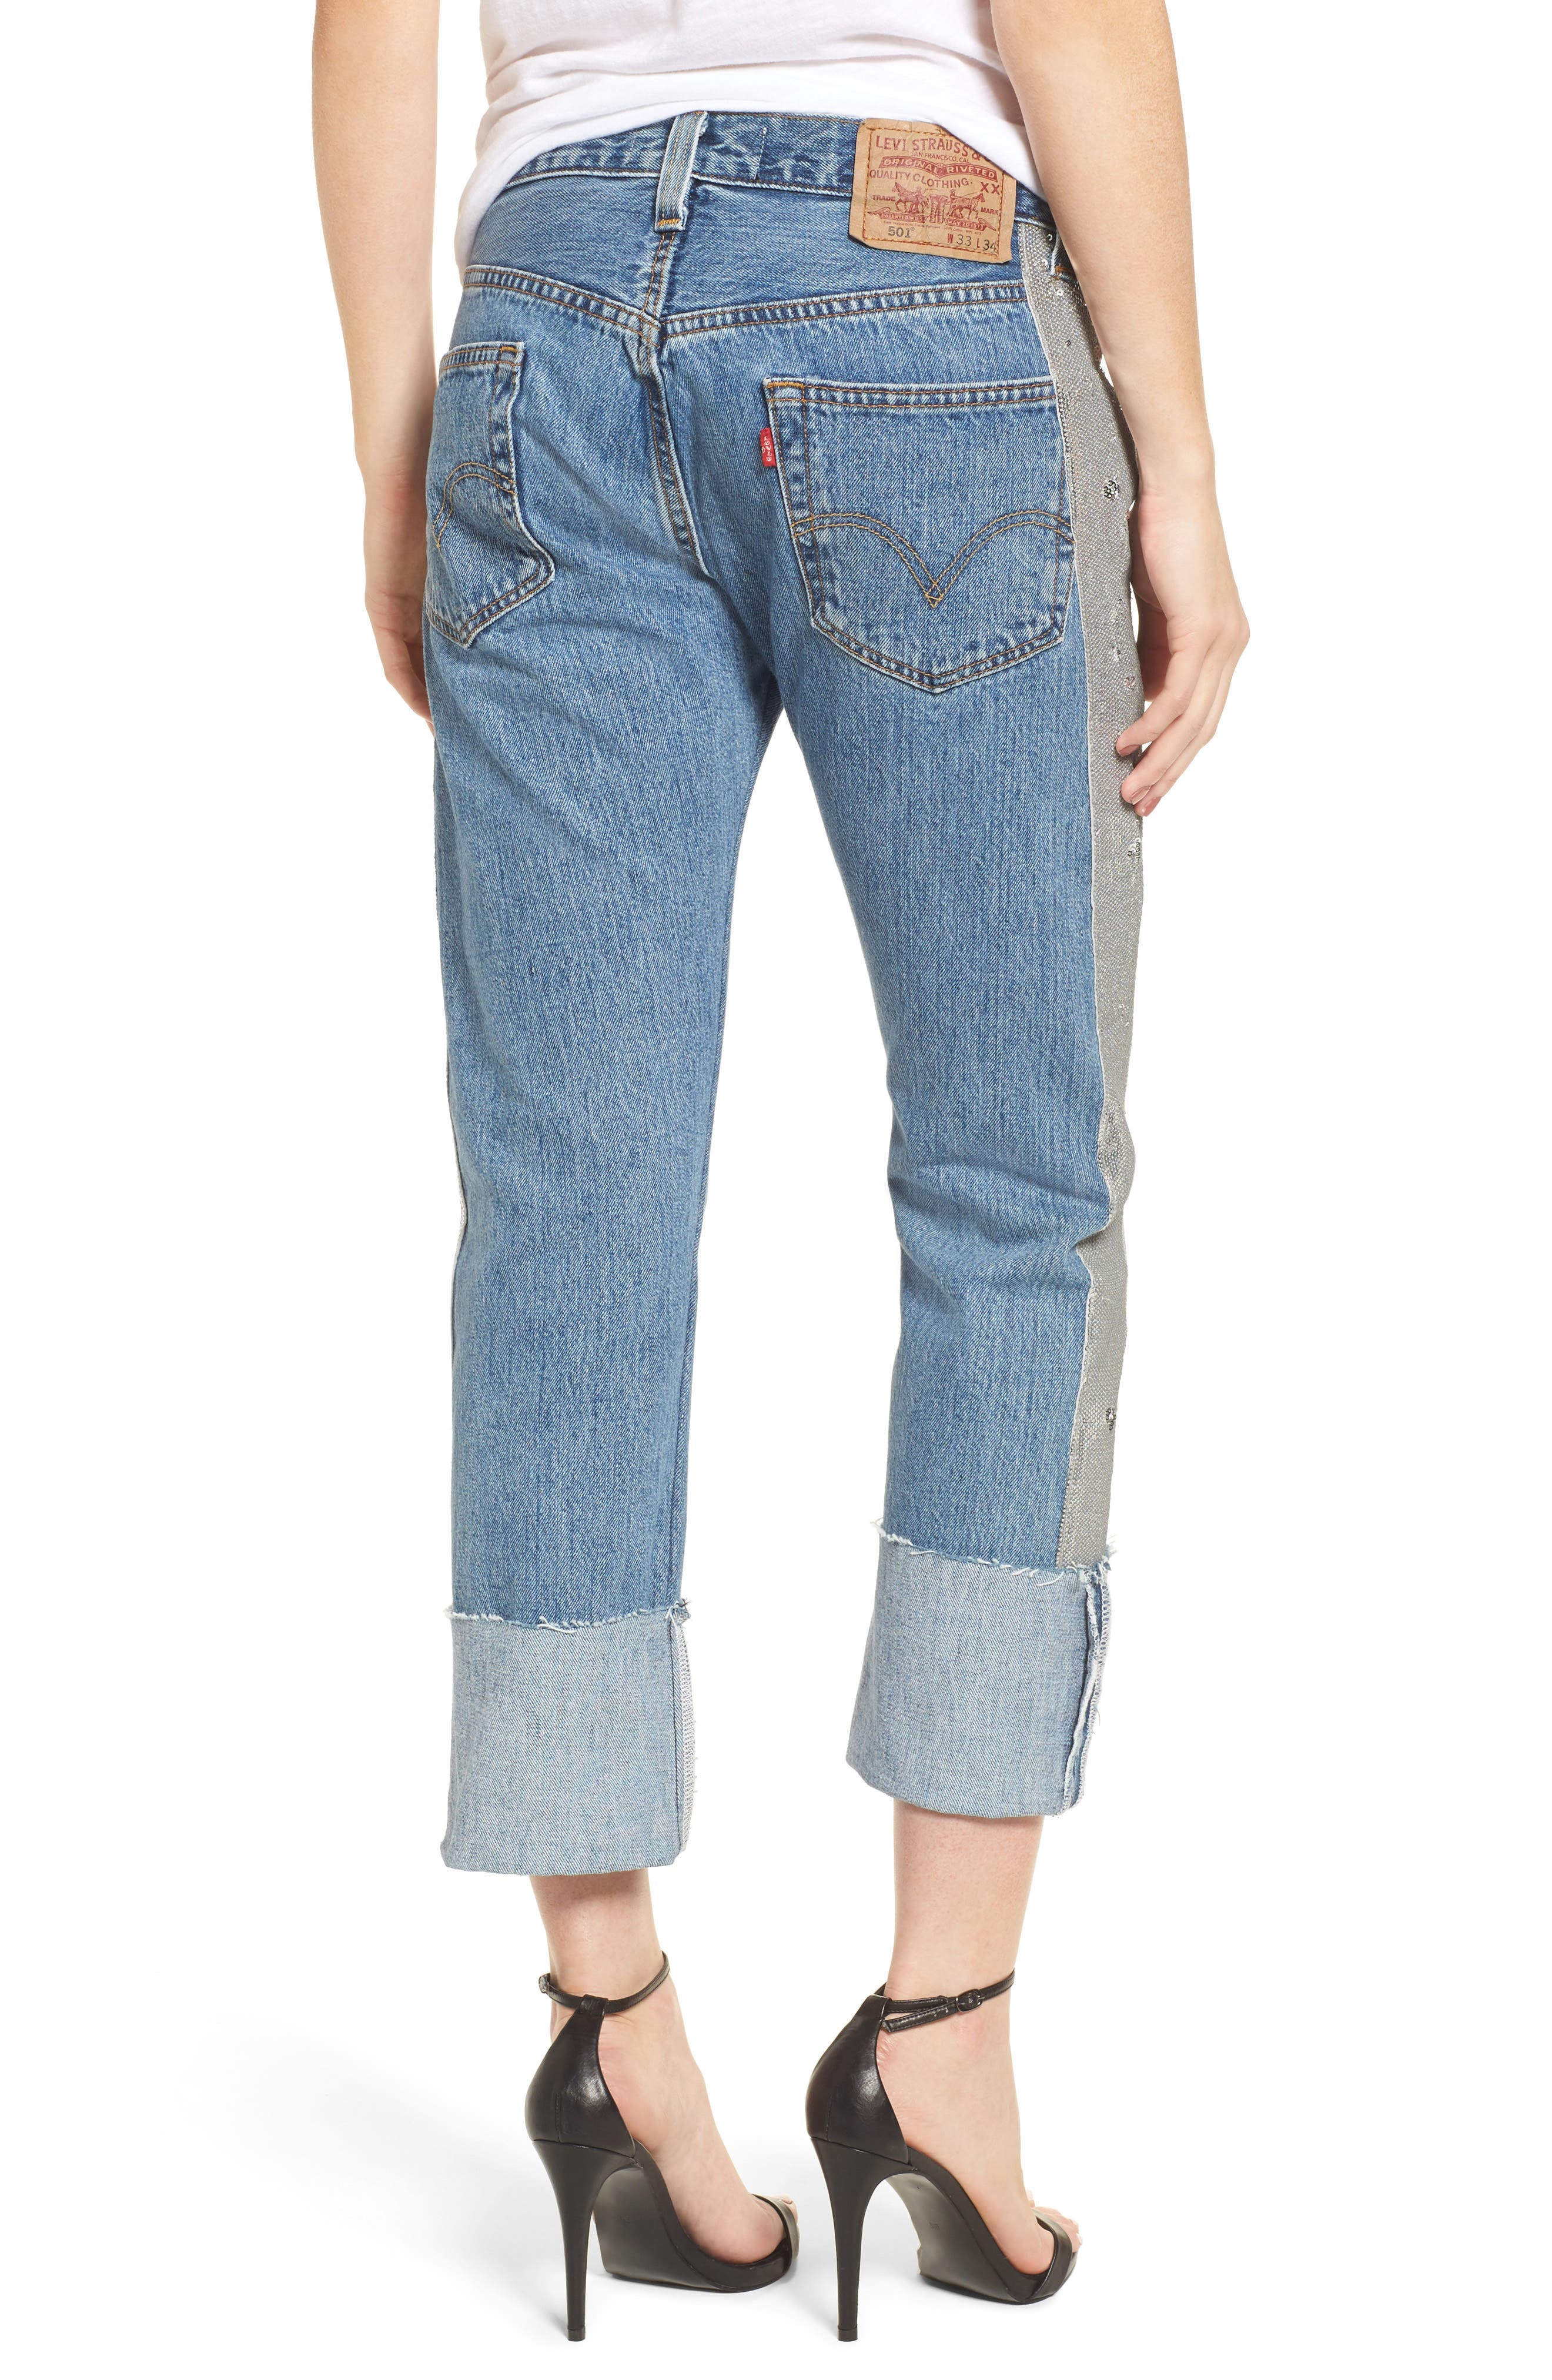 Sequin Boyfriend Jeans,                             Alternate thumbnail 2, color,                             Medium Wash/ Silver